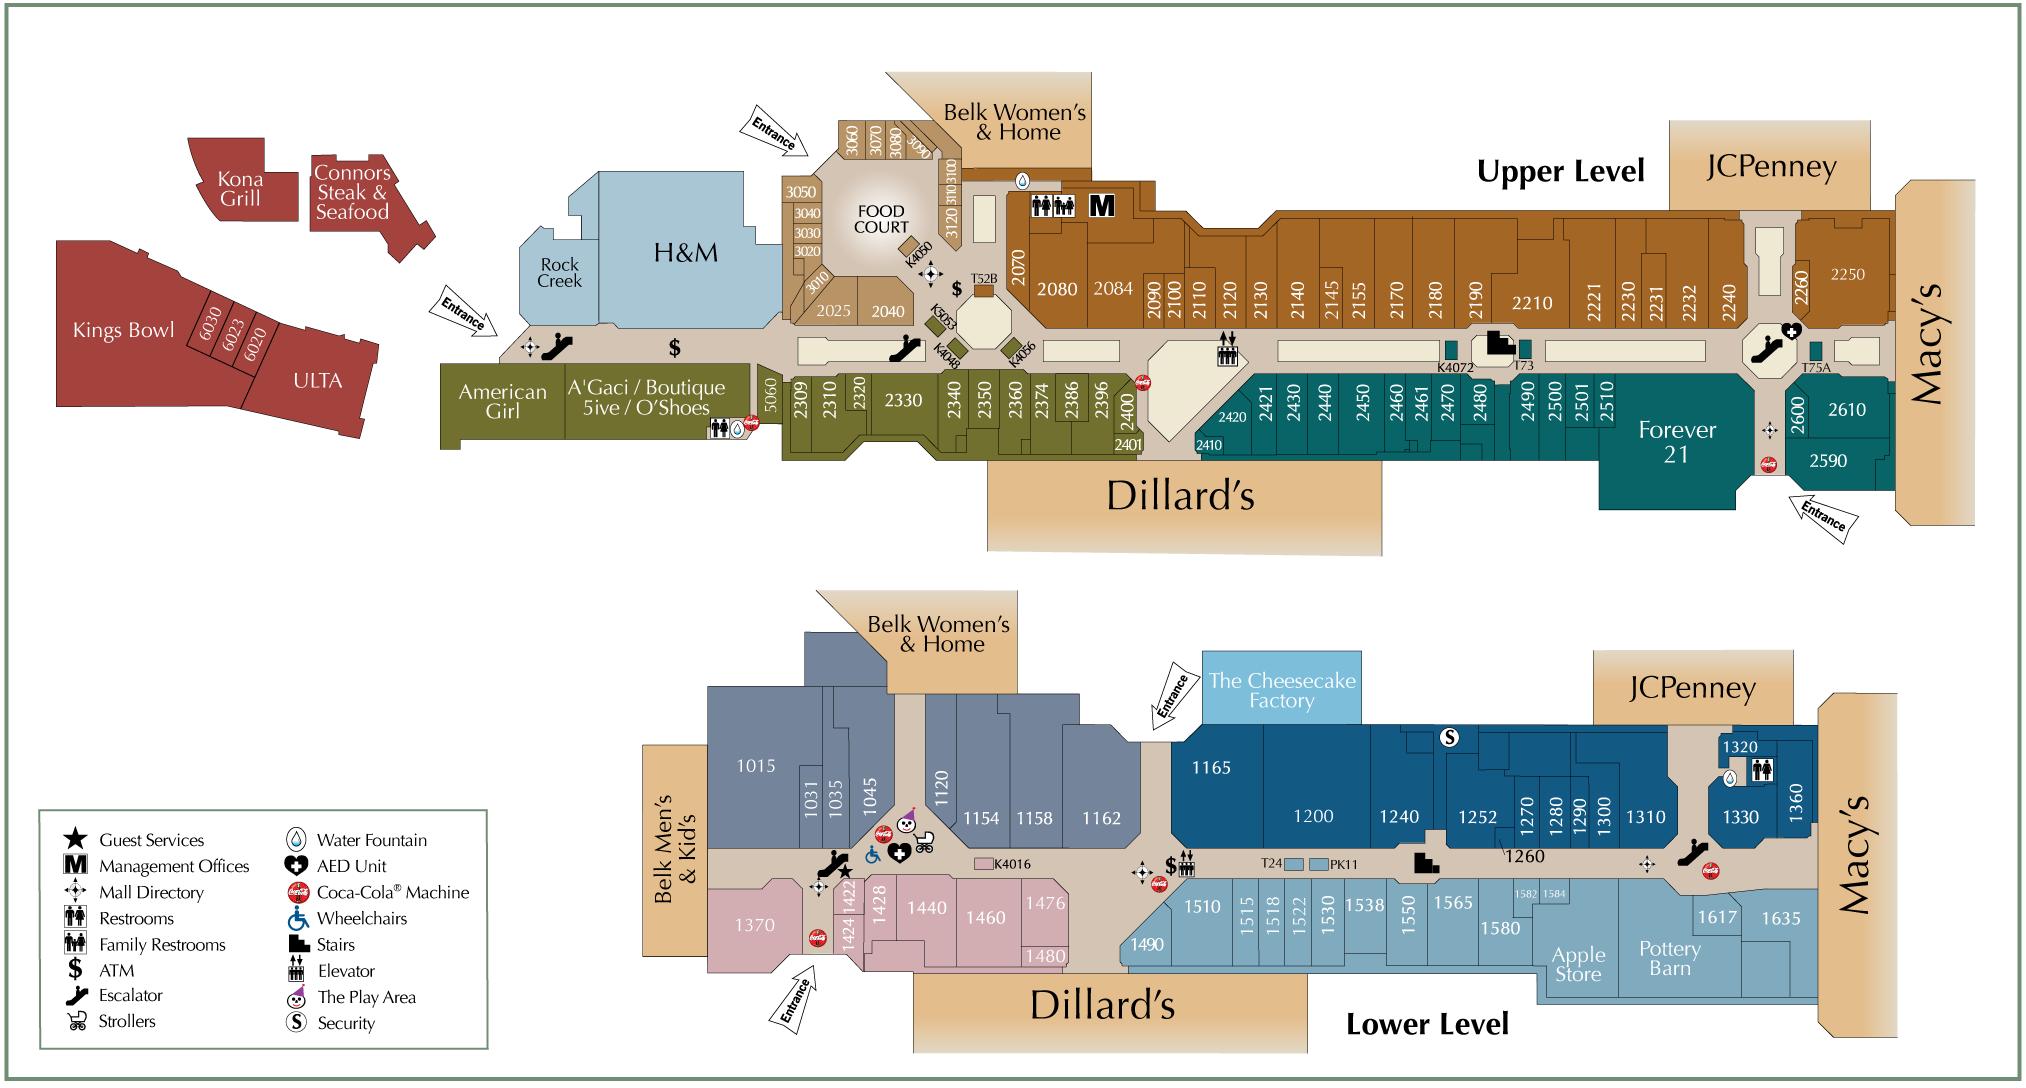 galleria mall map dallas Houston Galleria Directory Map Williamson County Libertarian Party galleria mall map dallas